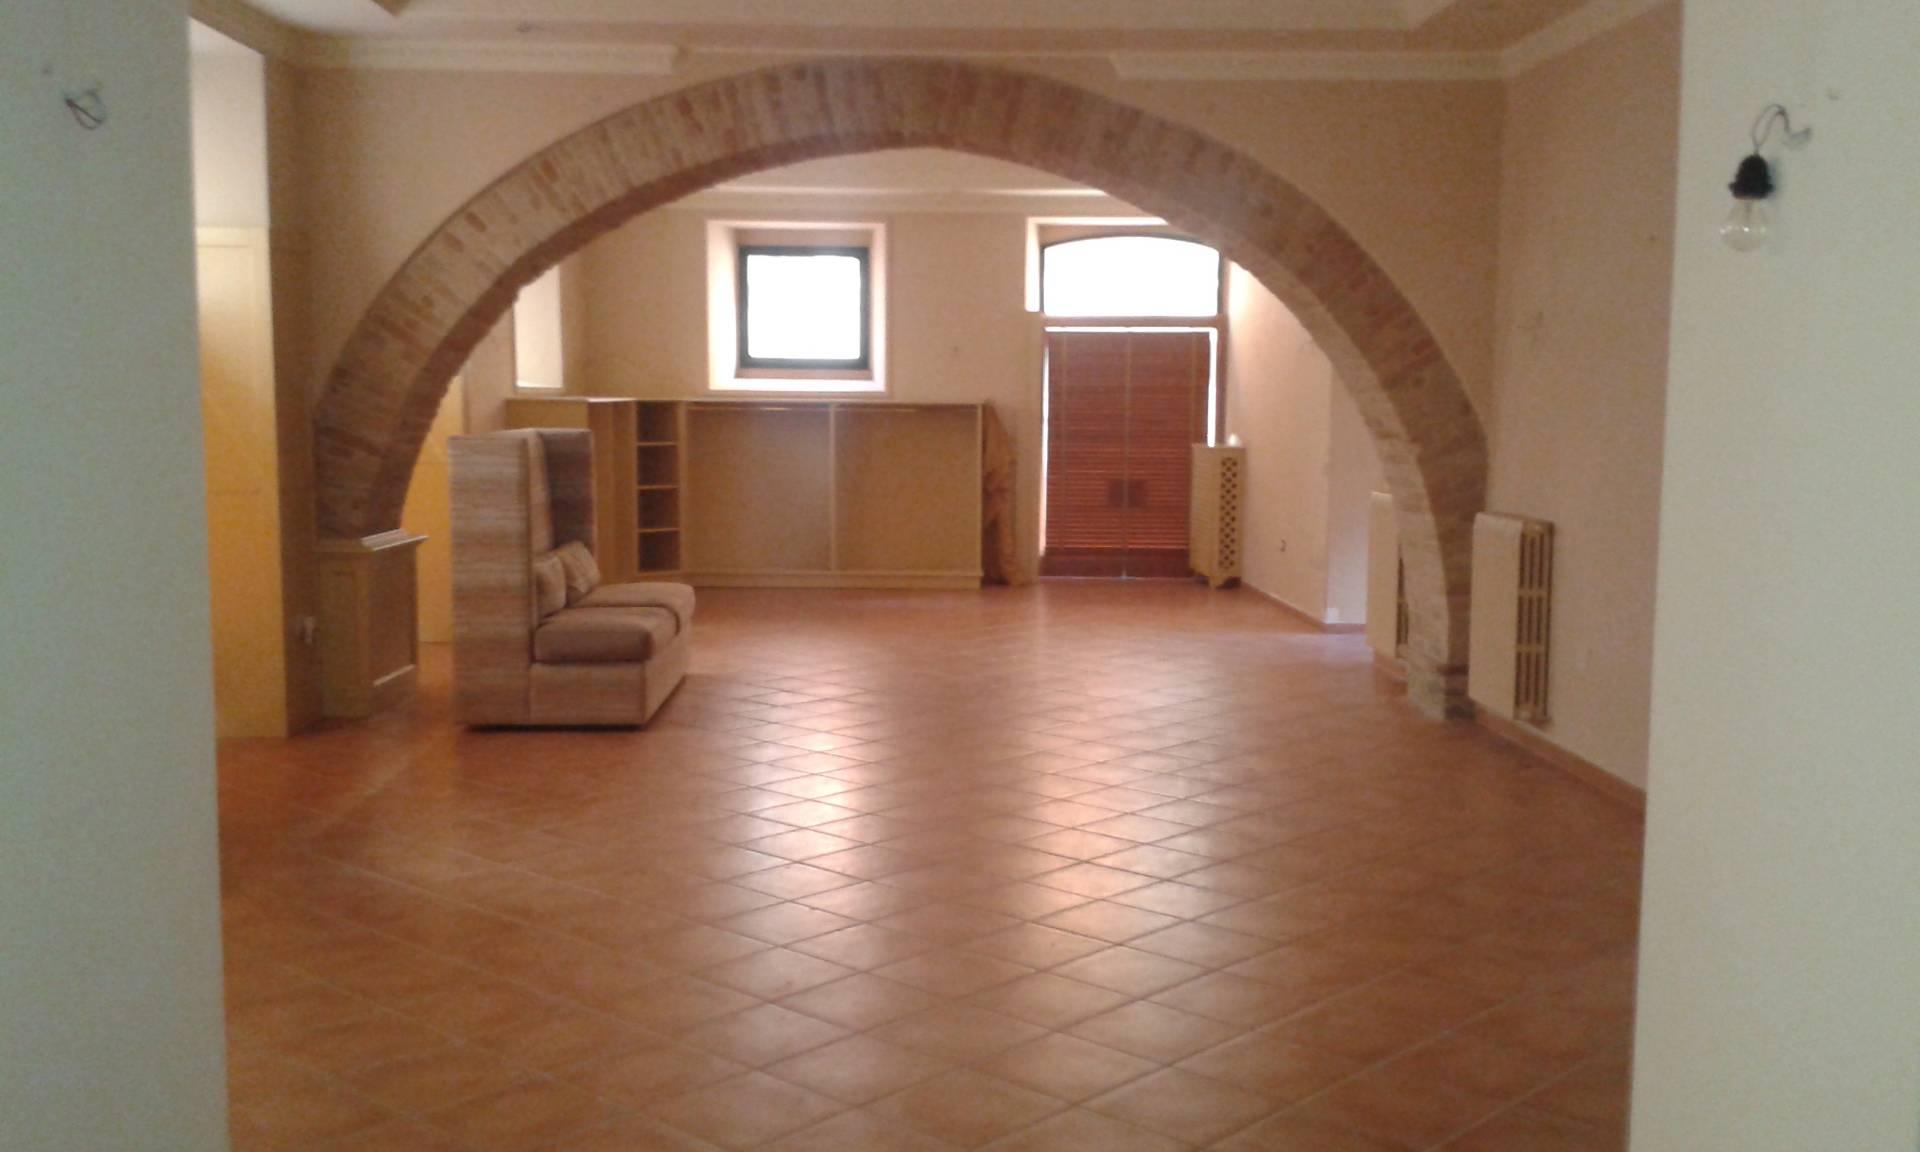 Negozio / Locale in affitto a Teramo, 9999 locali, prezzo € 1.100 | CambioCasa.it